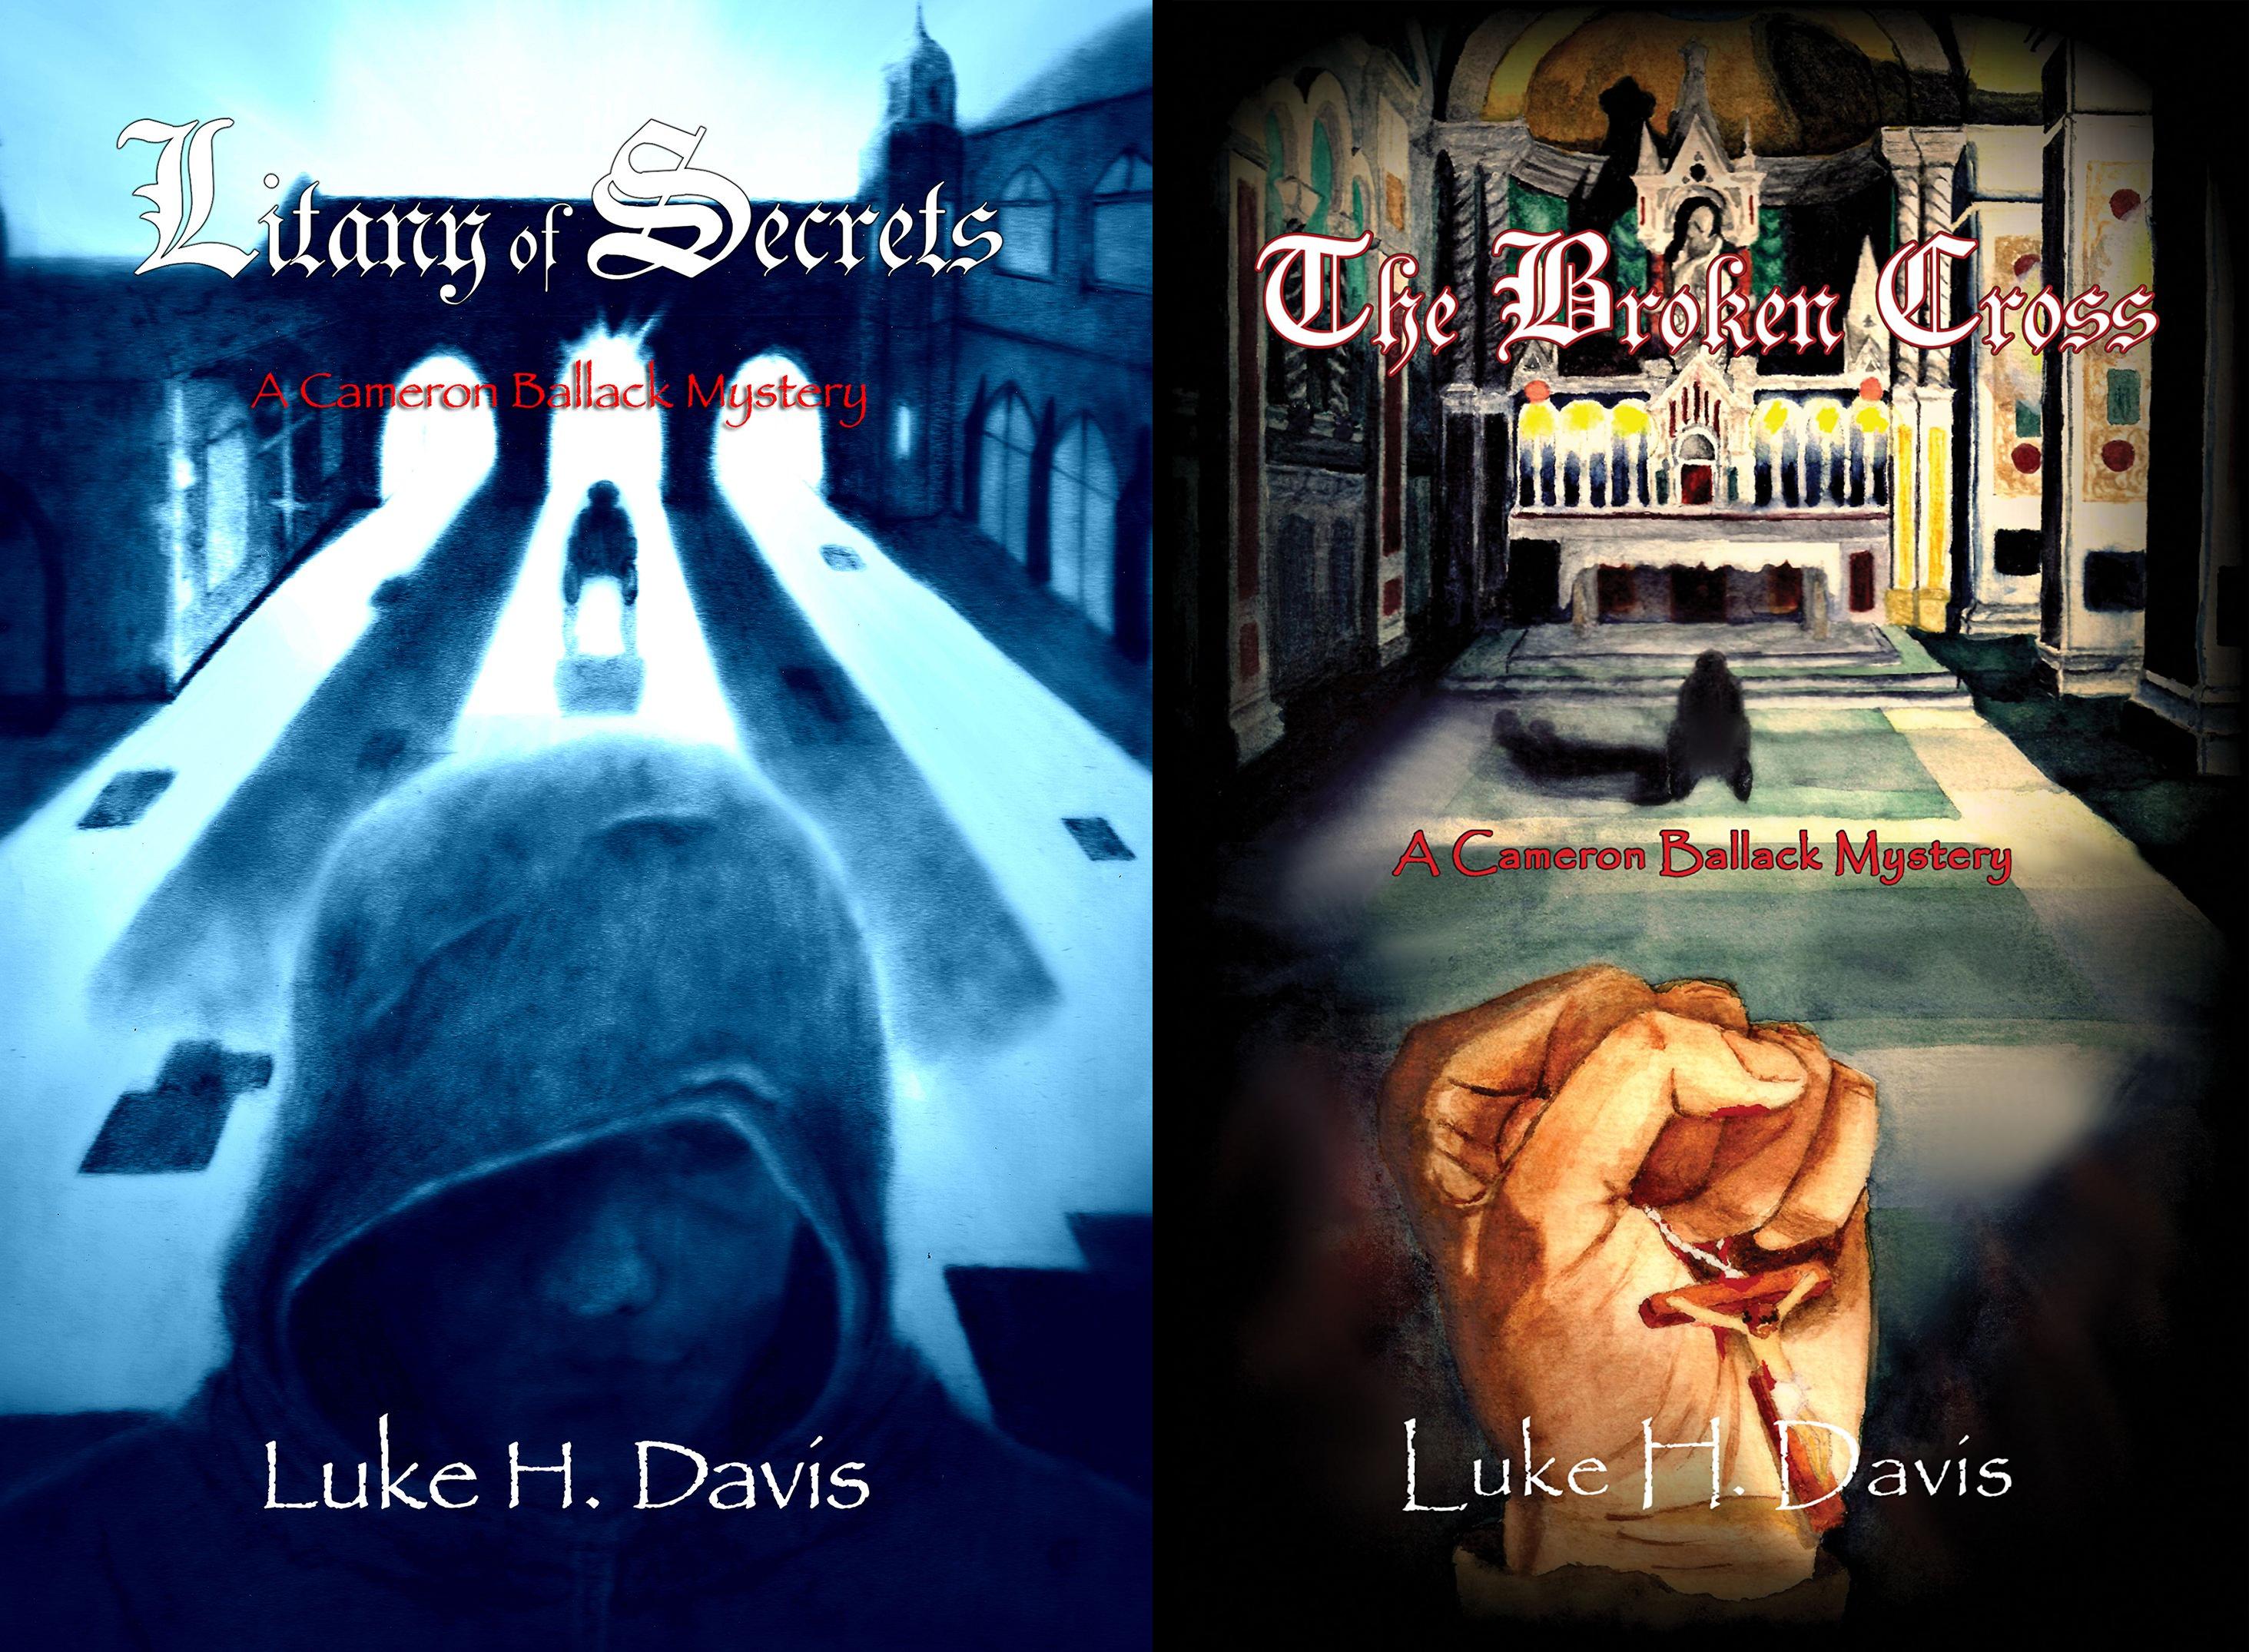 Cameron Ballack Mystery (2 Book Series)